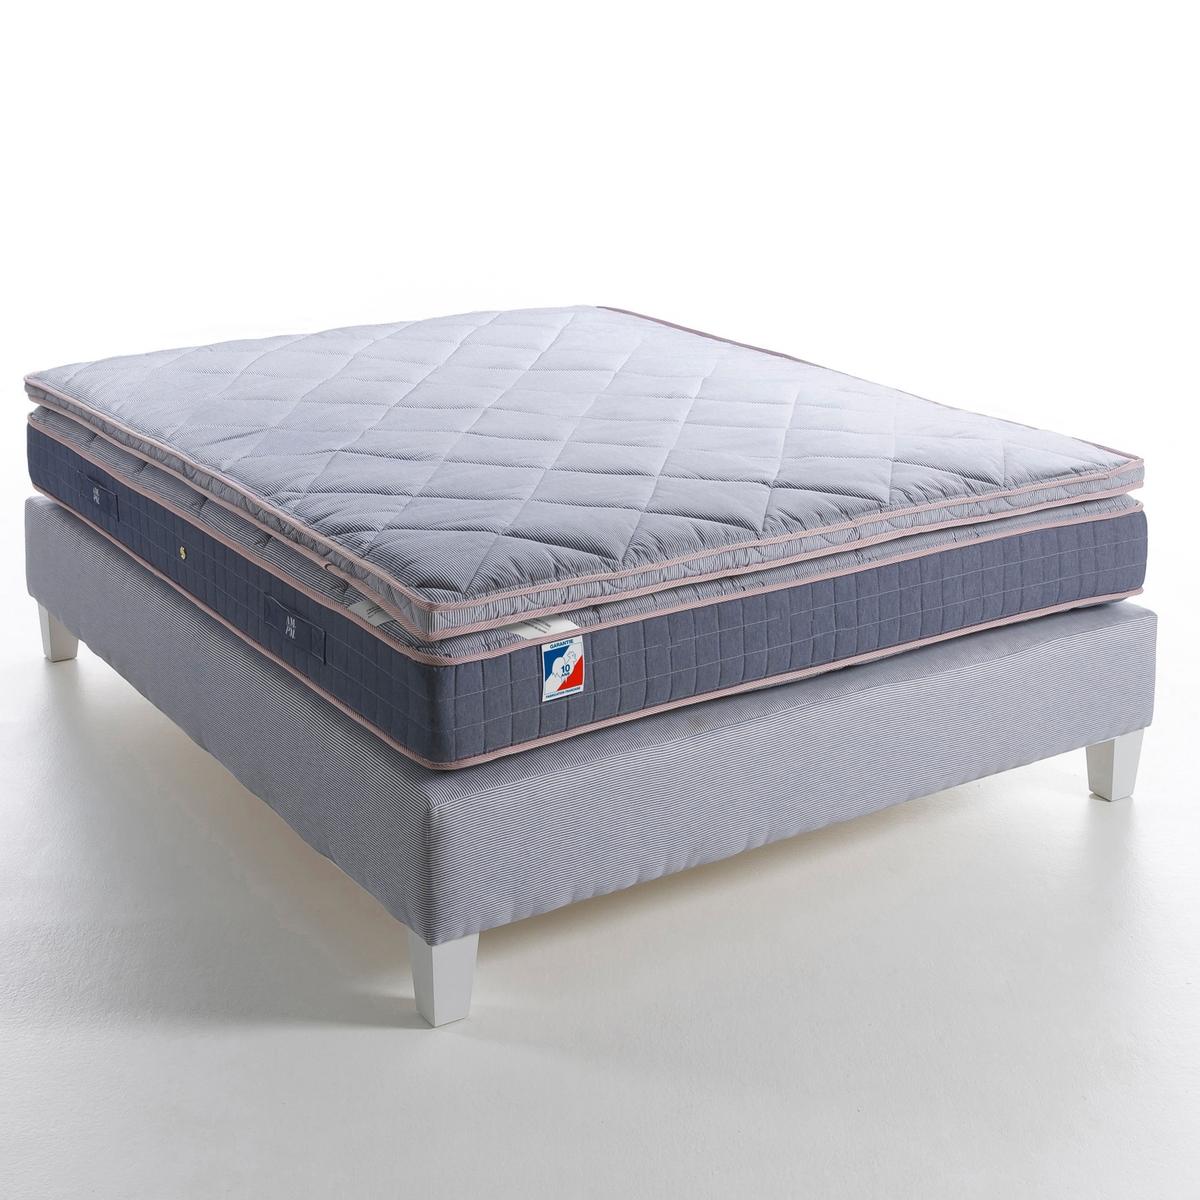 Sovra-materasso latex luxe, maxi comfort, Mutta